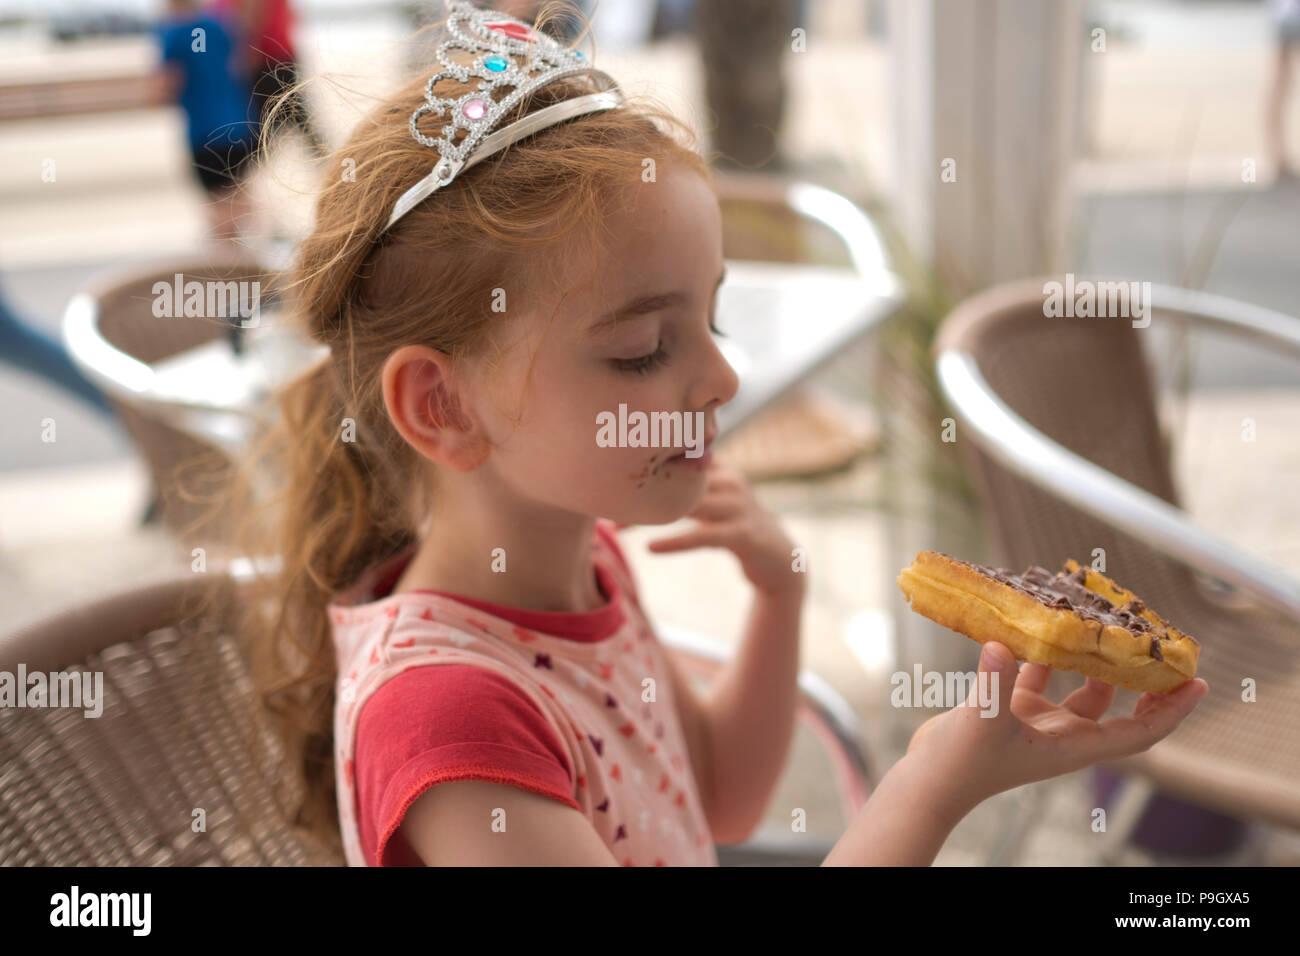 Nahaufnahme der Ein 4 Jahre altes Mädchen mit roten langen Haaren trägt eine Tiara, Essen eine Waffel mit Nutella auf einem Cafe Terrasse Stockbild